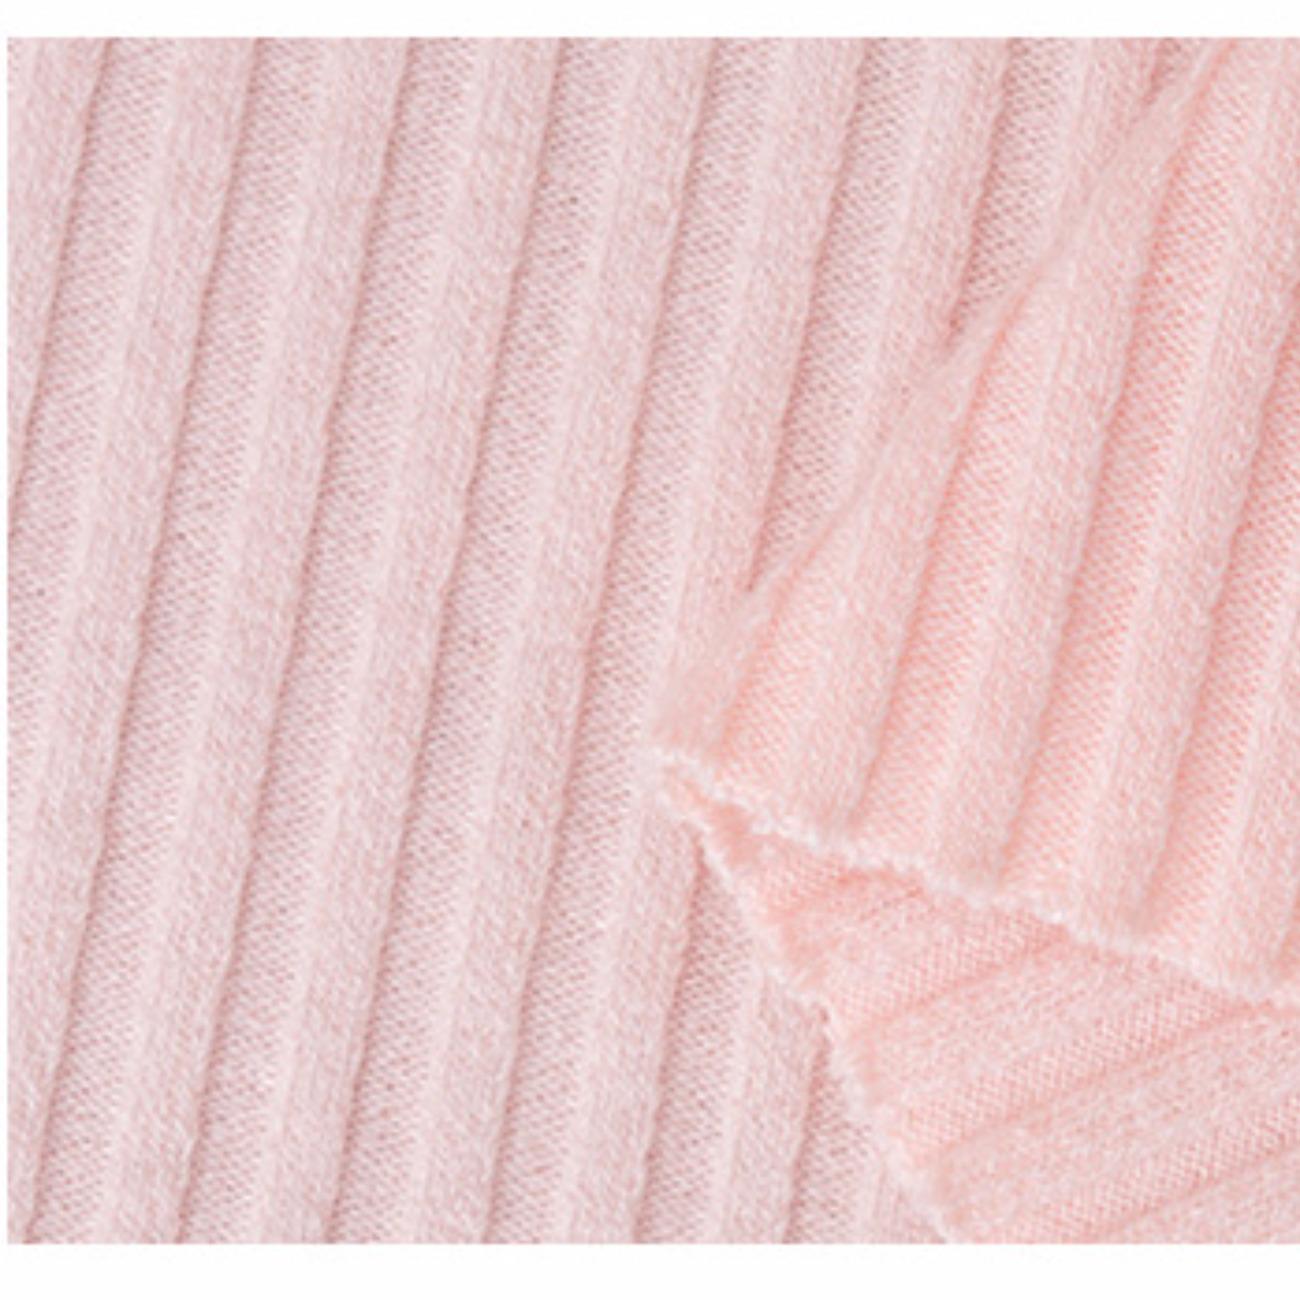 厂家热销 4*4罗纹坑条针织面料 300g时尚女装毛衣涤棉布料批发